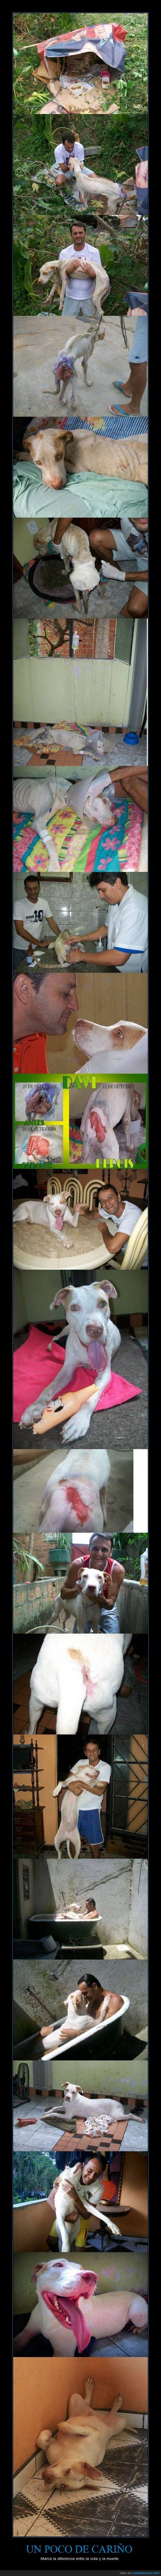 adoptar un animal,curar,herida,infección,perro,regalar vida,salvar